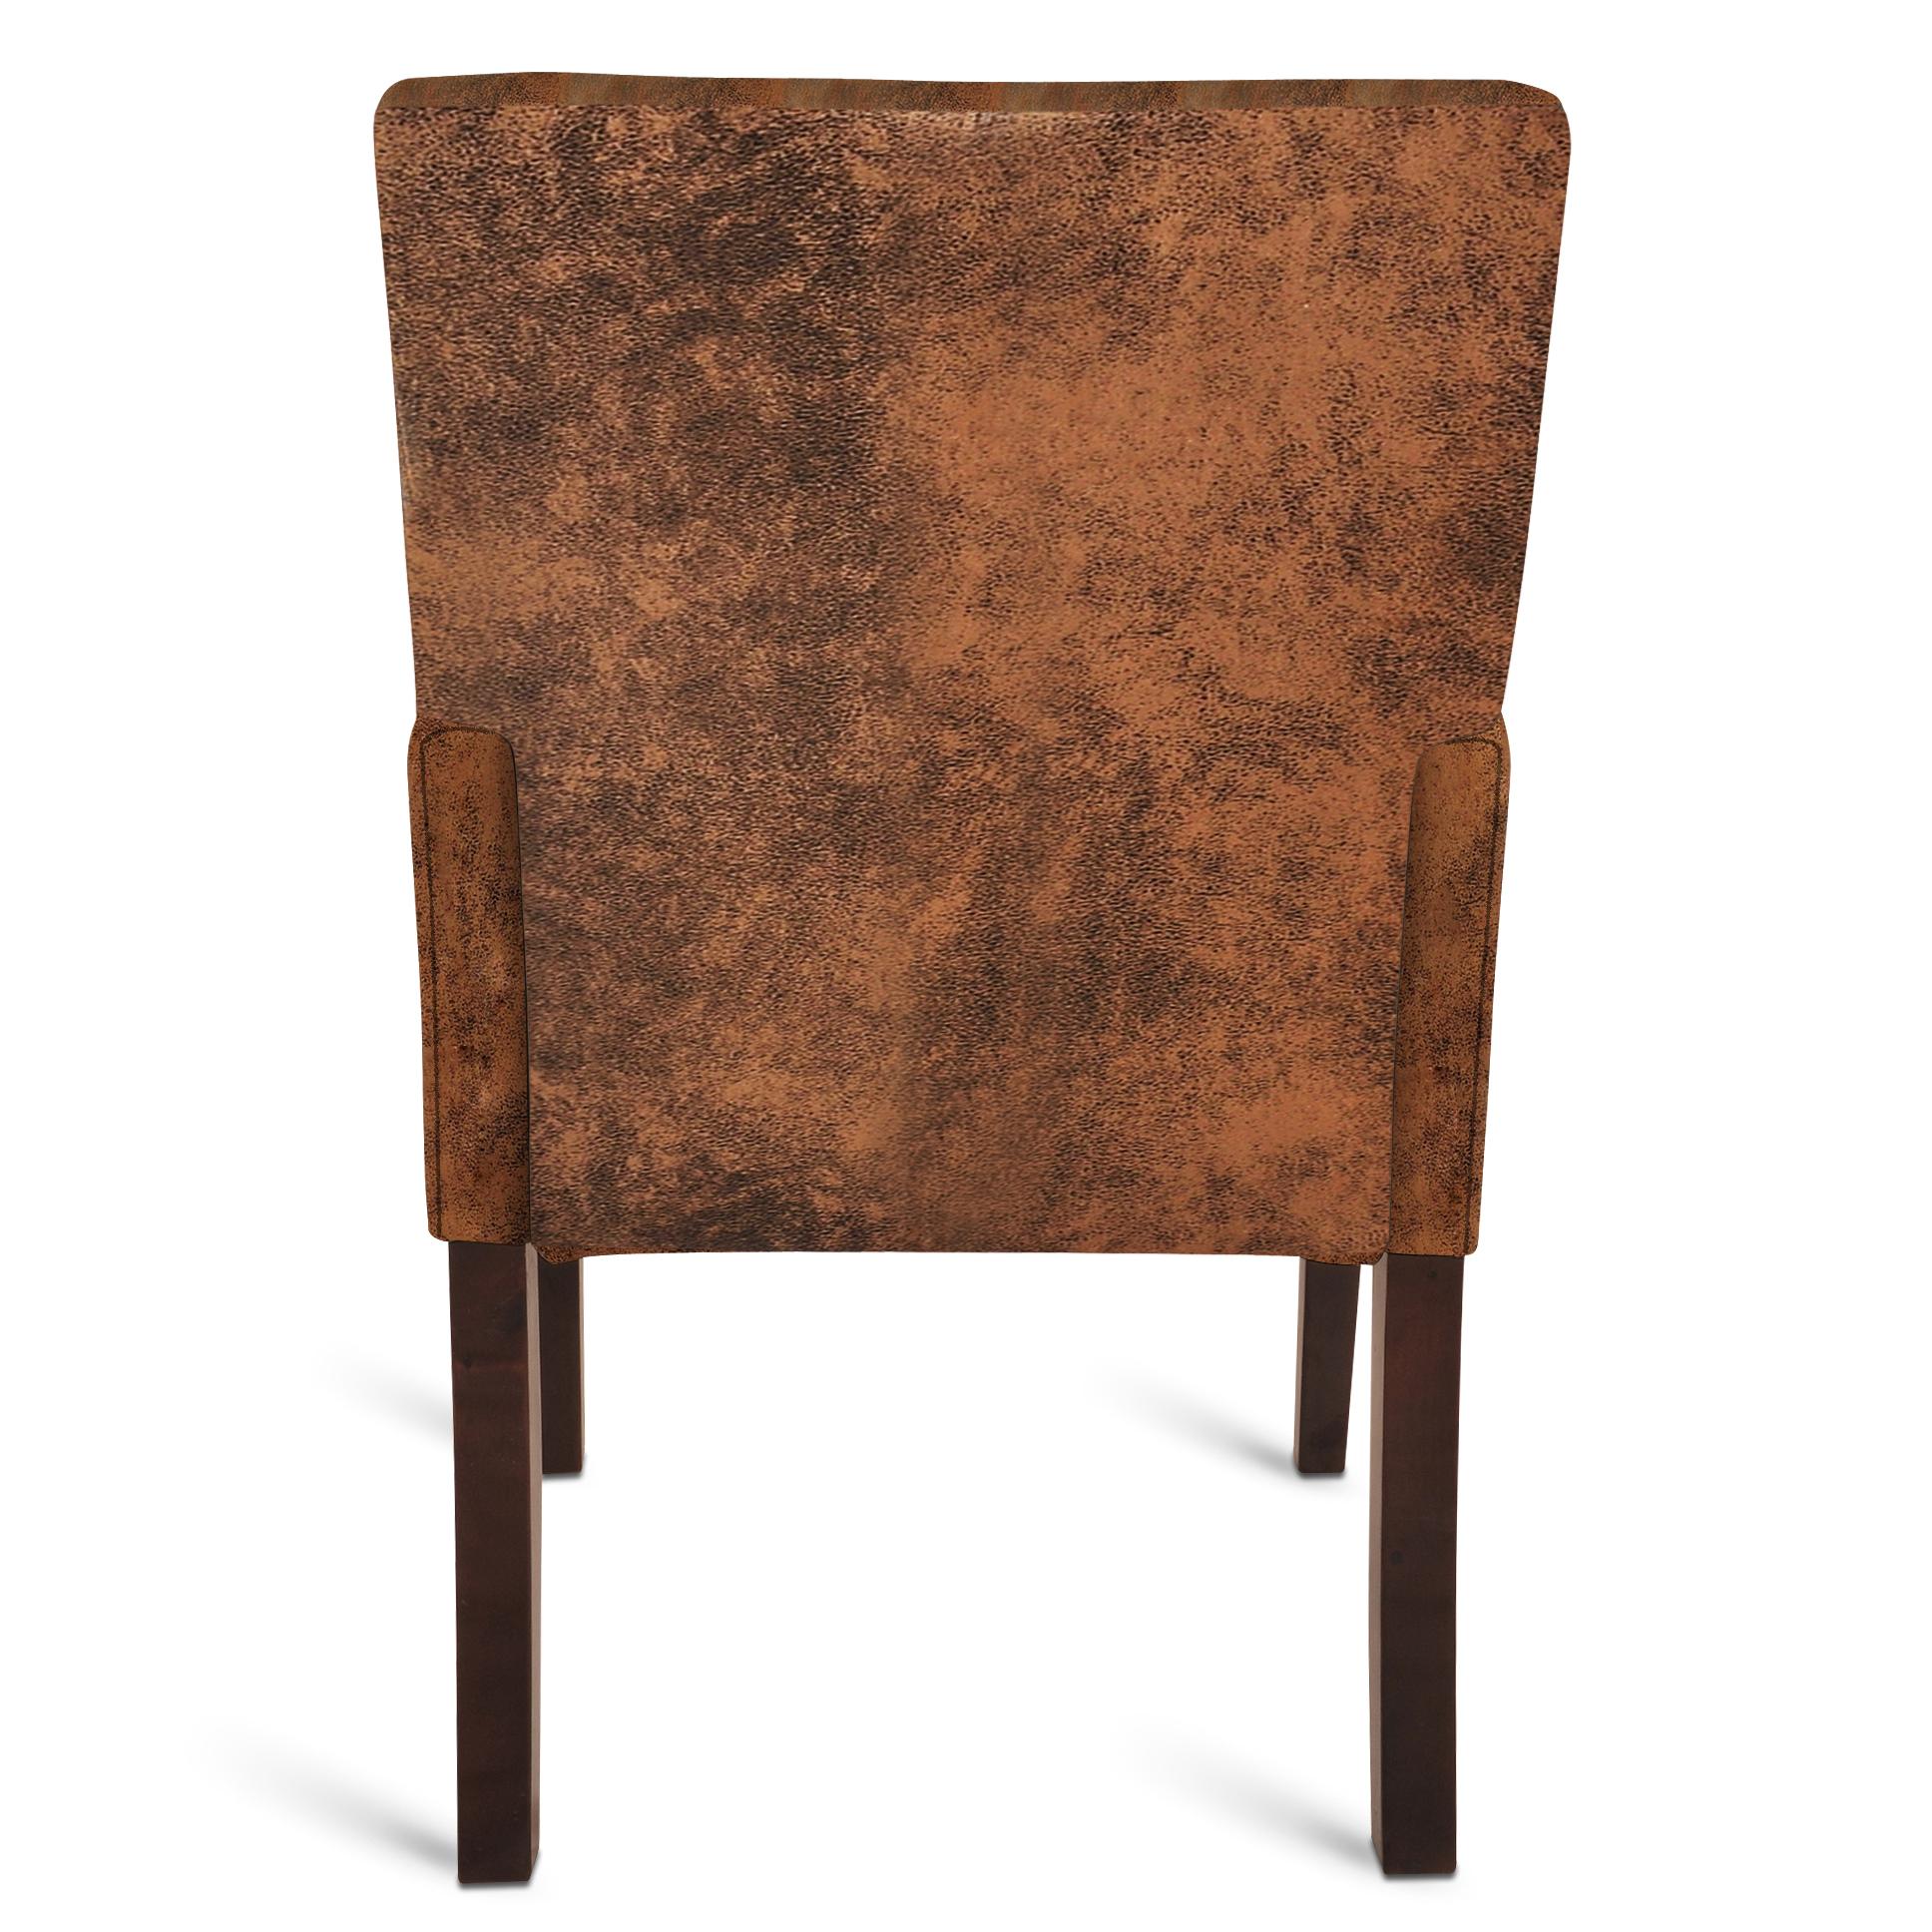 sam stoff armlehnstuhl wildleder optik kolonial modica auf lager. Black Bedroom Furniture Sets. Home Design Ideas